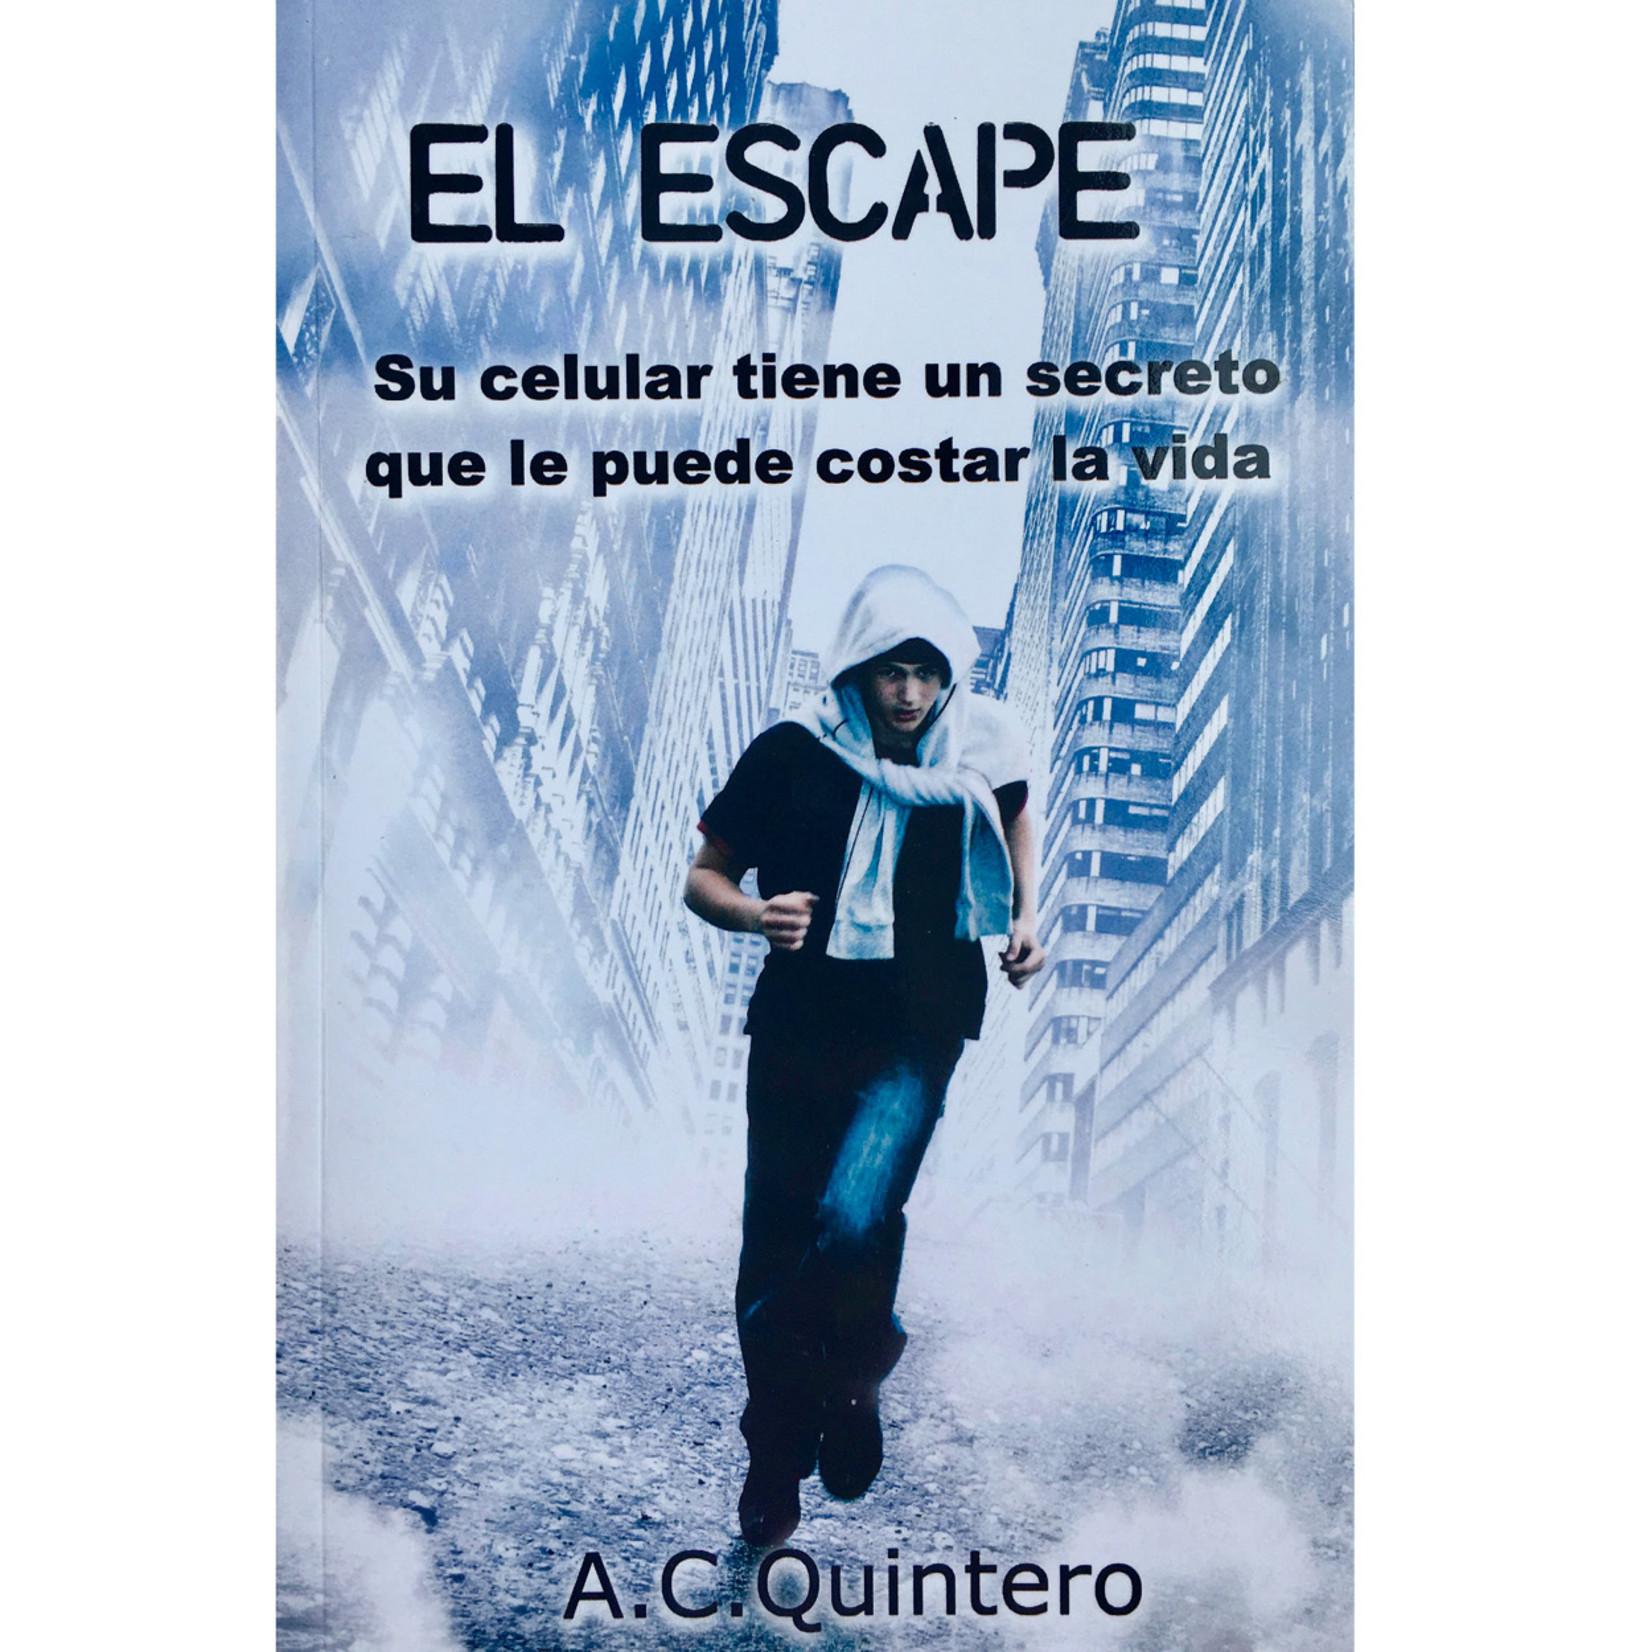 A.C. Quintero Resources El escape